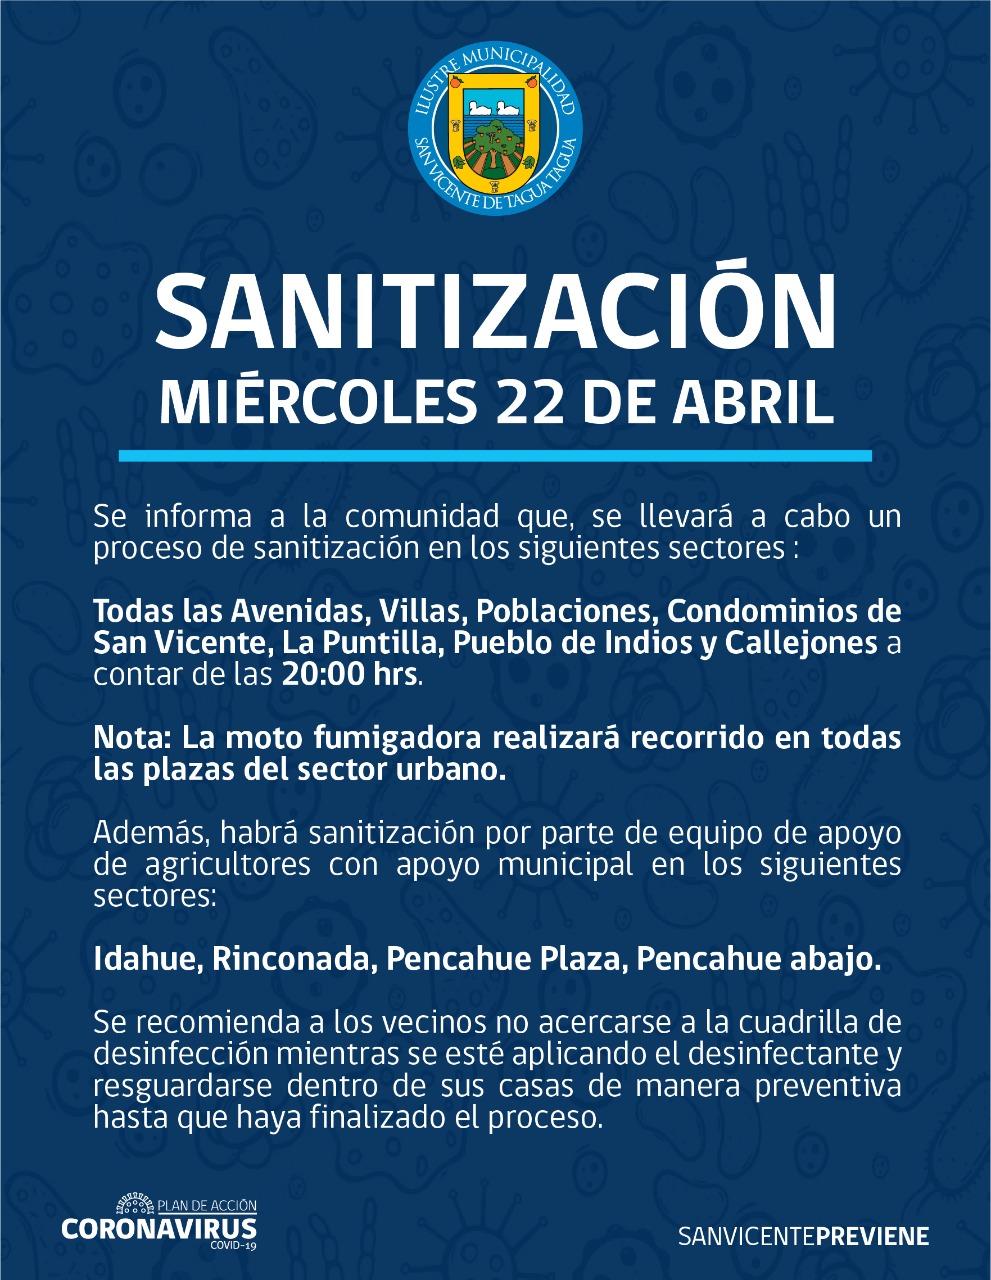 SE INFORMA SANITIZACIÓN PROGRAMADA PARA HOY MIÉRCOLES 22 DE ABRIL